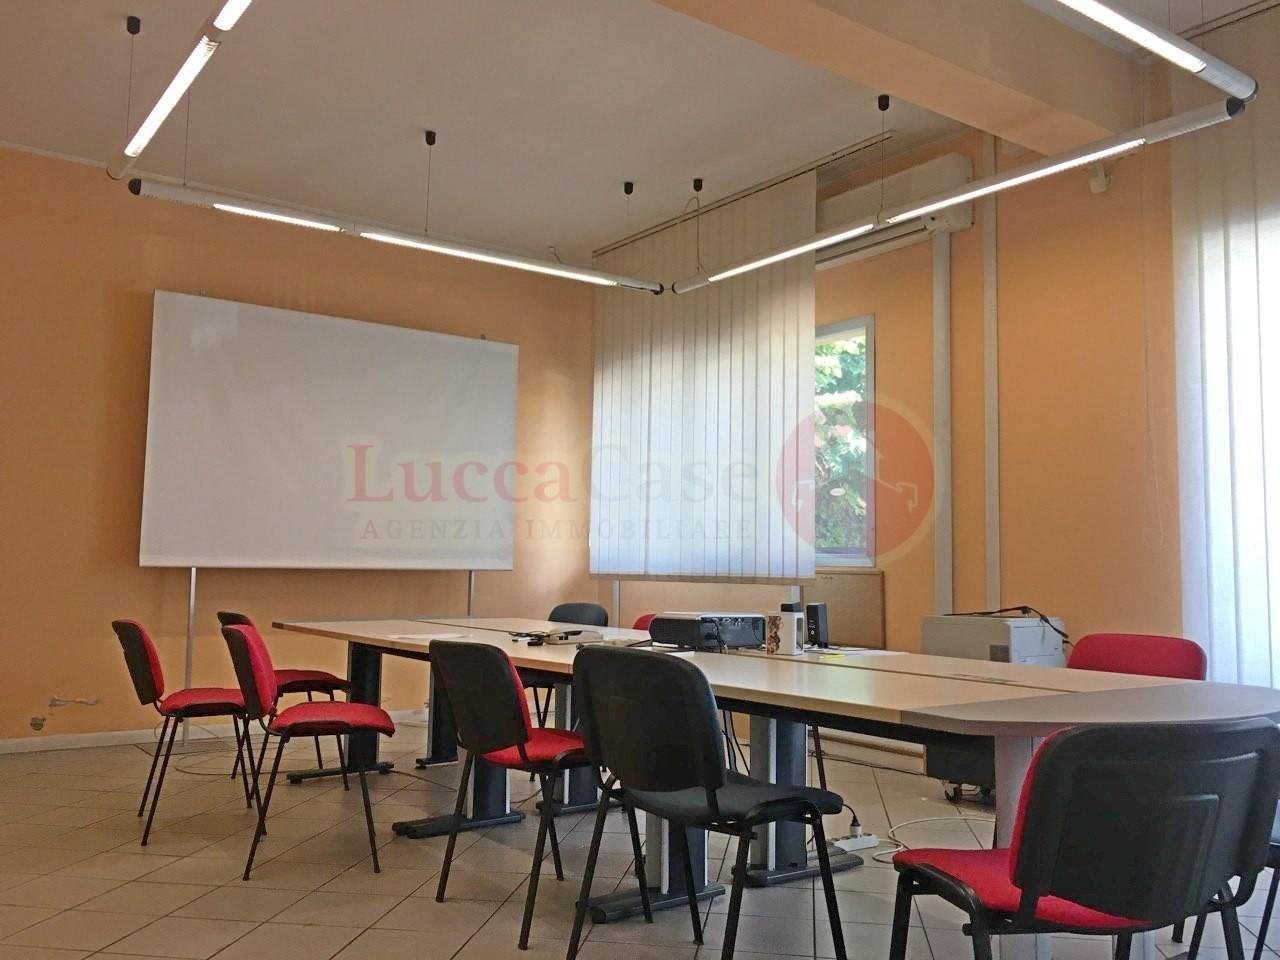 UFFICIO in Vendita a San Concordio Contrada, Lucca (LUCCA)